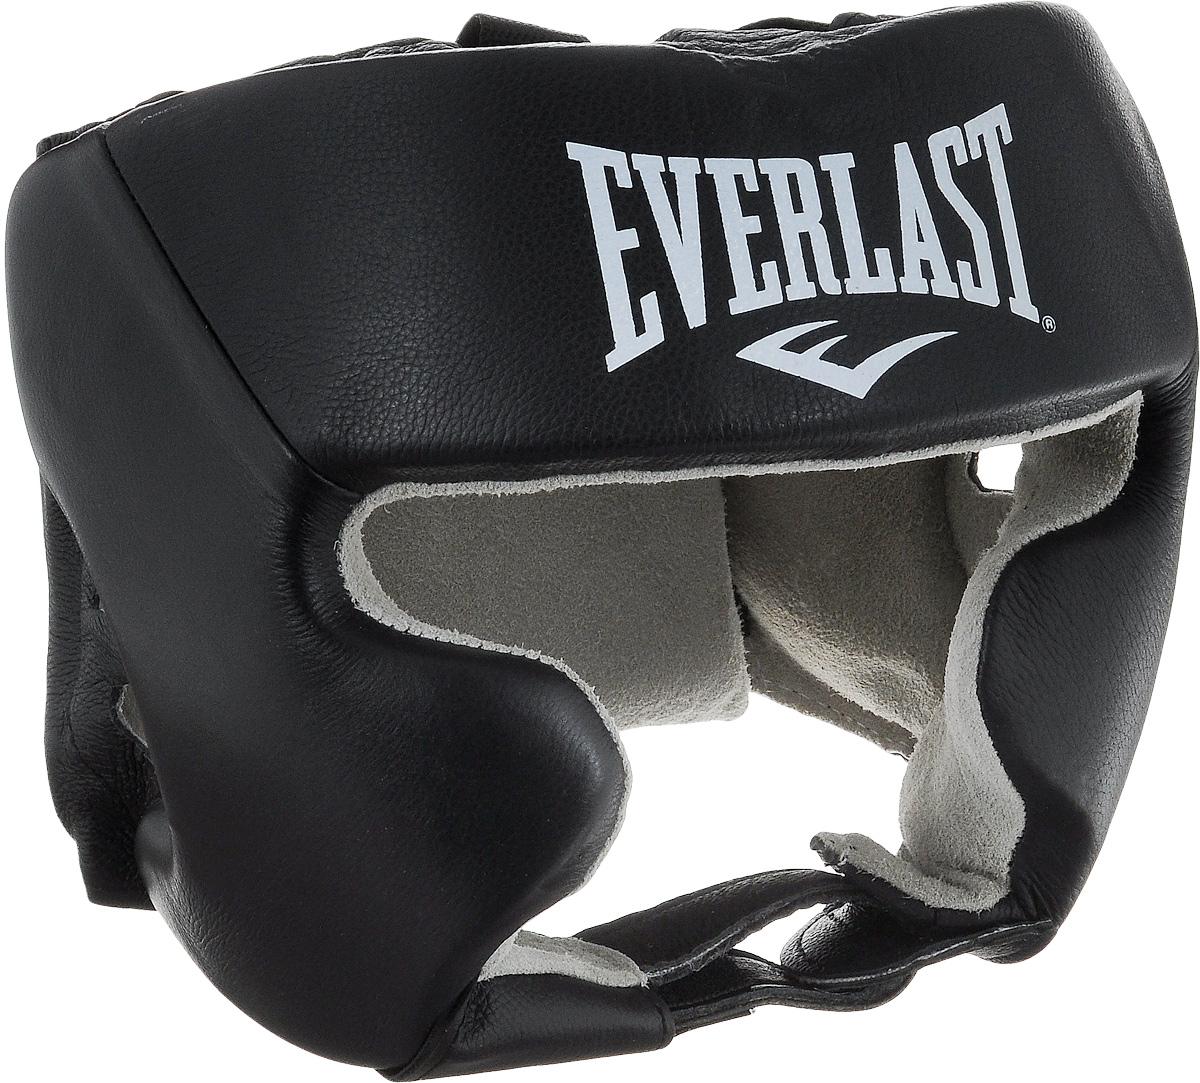 Шлем боксерский Everlast USA Boxing Cheek, с защитой щек, цвет: черный, белый. Размер LKSO-10024WKFEverlast USA Boxing Cheek - боксерский шлем, разработанный для выступления на любительских соревнованиях и одобренный ассоциацией USA Boxing. Плотный четырехслойный пенный наполнитель превосходно амортизирует удары и значительно снижает риск травмы. Качественная натуральная кожа (снаружи) и не менее качественная замша (внутри) обеспечивают значительный запас прочности и отличную износоустойчивость. Подгонка под необходимый размер и фиксация на голове происходят за счет надежной застежки на липучке.Если вы еще ищите шлем для предстоящих соревнований, то Everlast USA Boxing Cheek - это ваш выбор!Диаметр головы: 22 см.